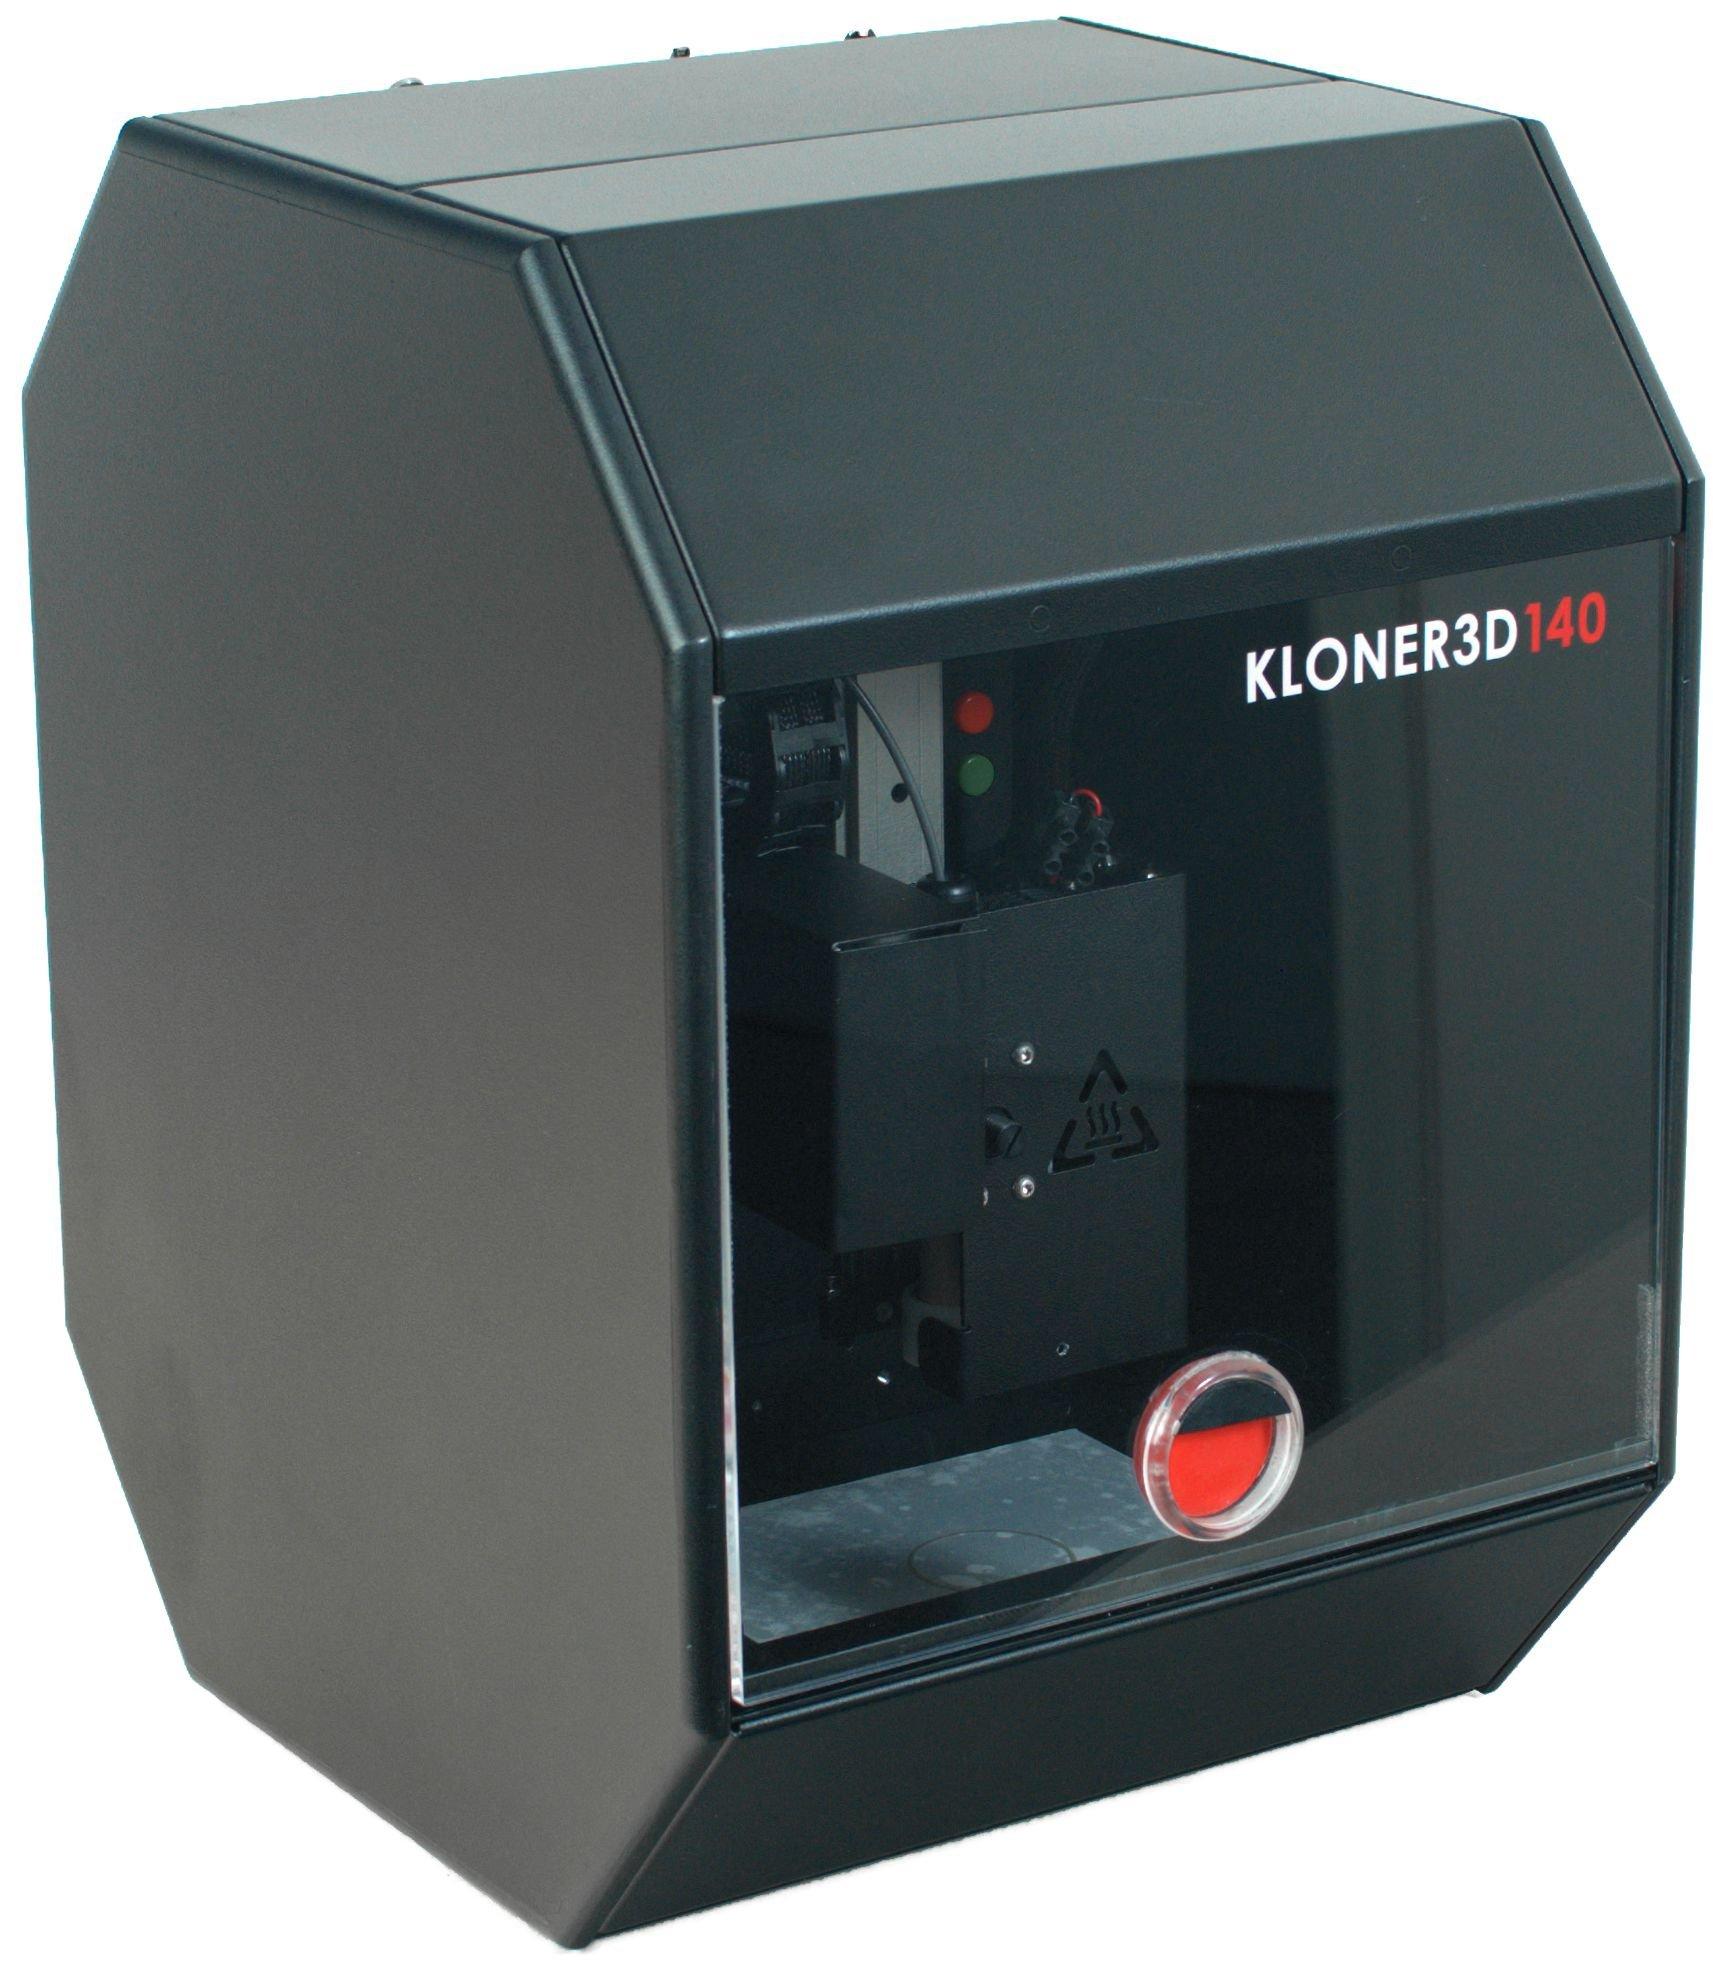 Kloner3D 140*